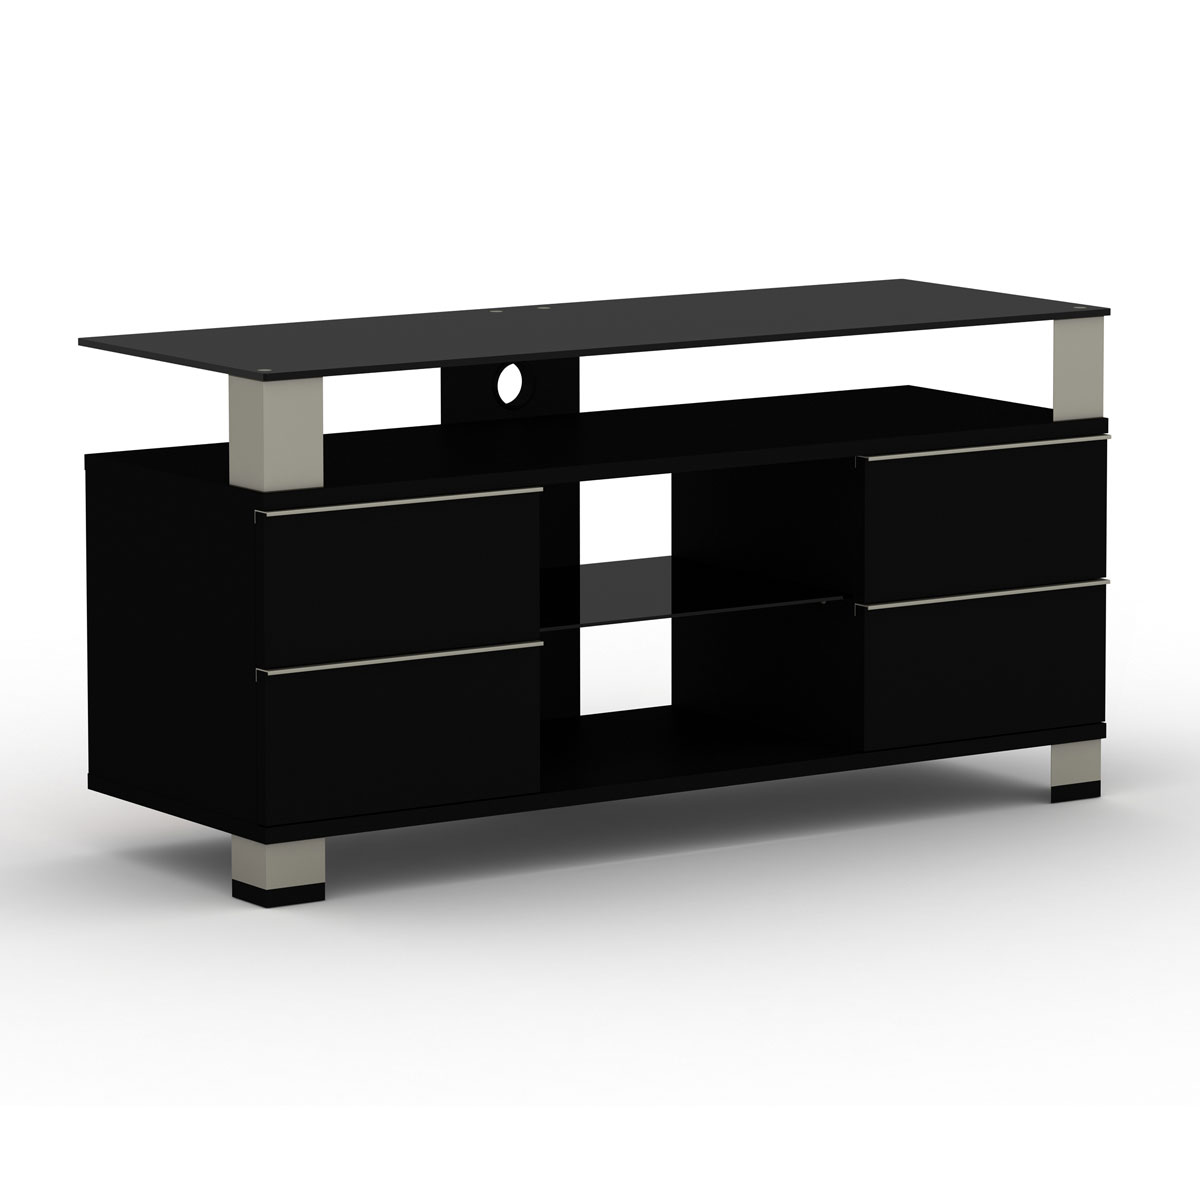 Elmob pone pn 120 02 noir meuble tv elmob sur for Meuble tv 50 pouces